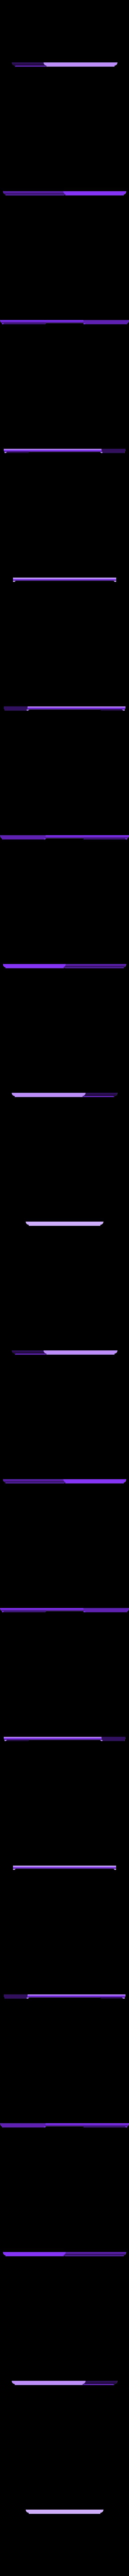 Tray.stl Télécharger fichier STL gratuit Perchoir à oiseaux (crochet sur la porte de l'armoire) • Modèle imprimable en 3D, ShockyBugs